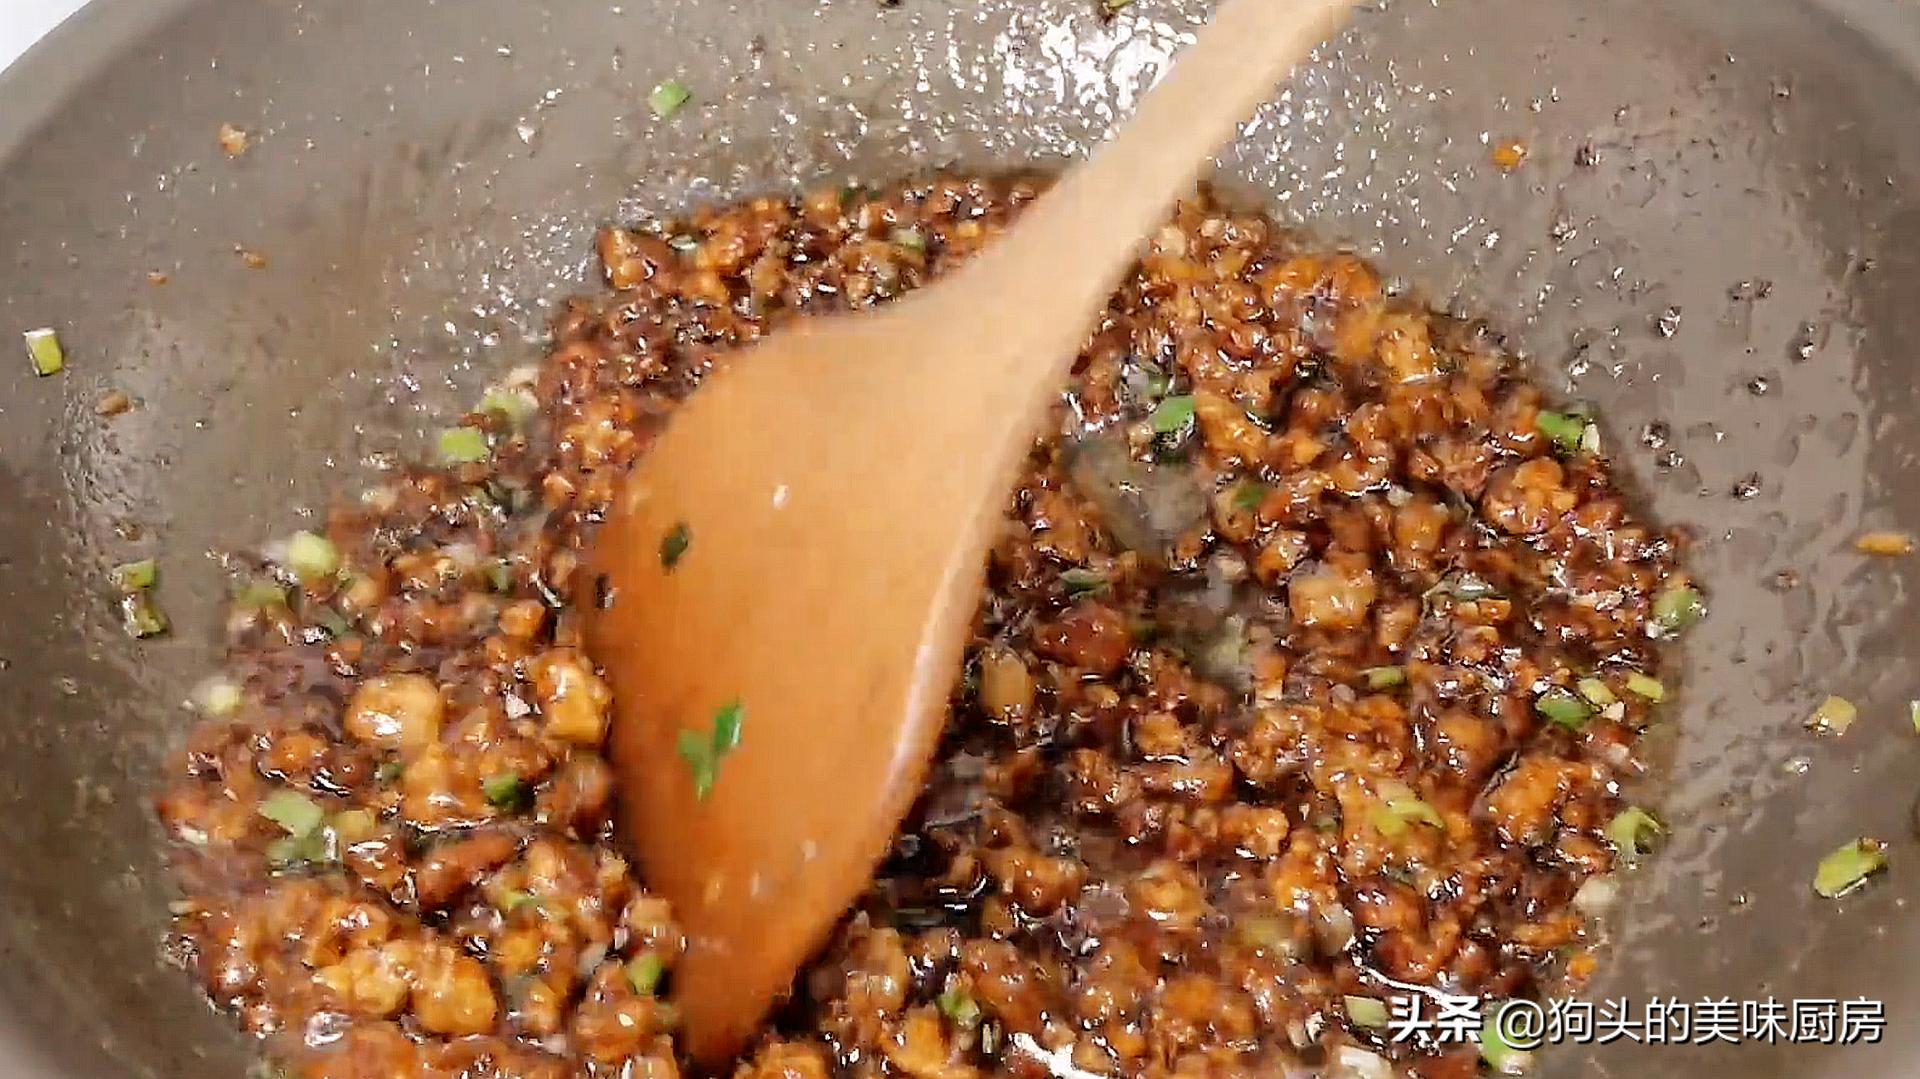 最近嘴馋没少吃它,入锅煮一煮,浇上料汁一拌,开胃又解馋 美食做法 第9张